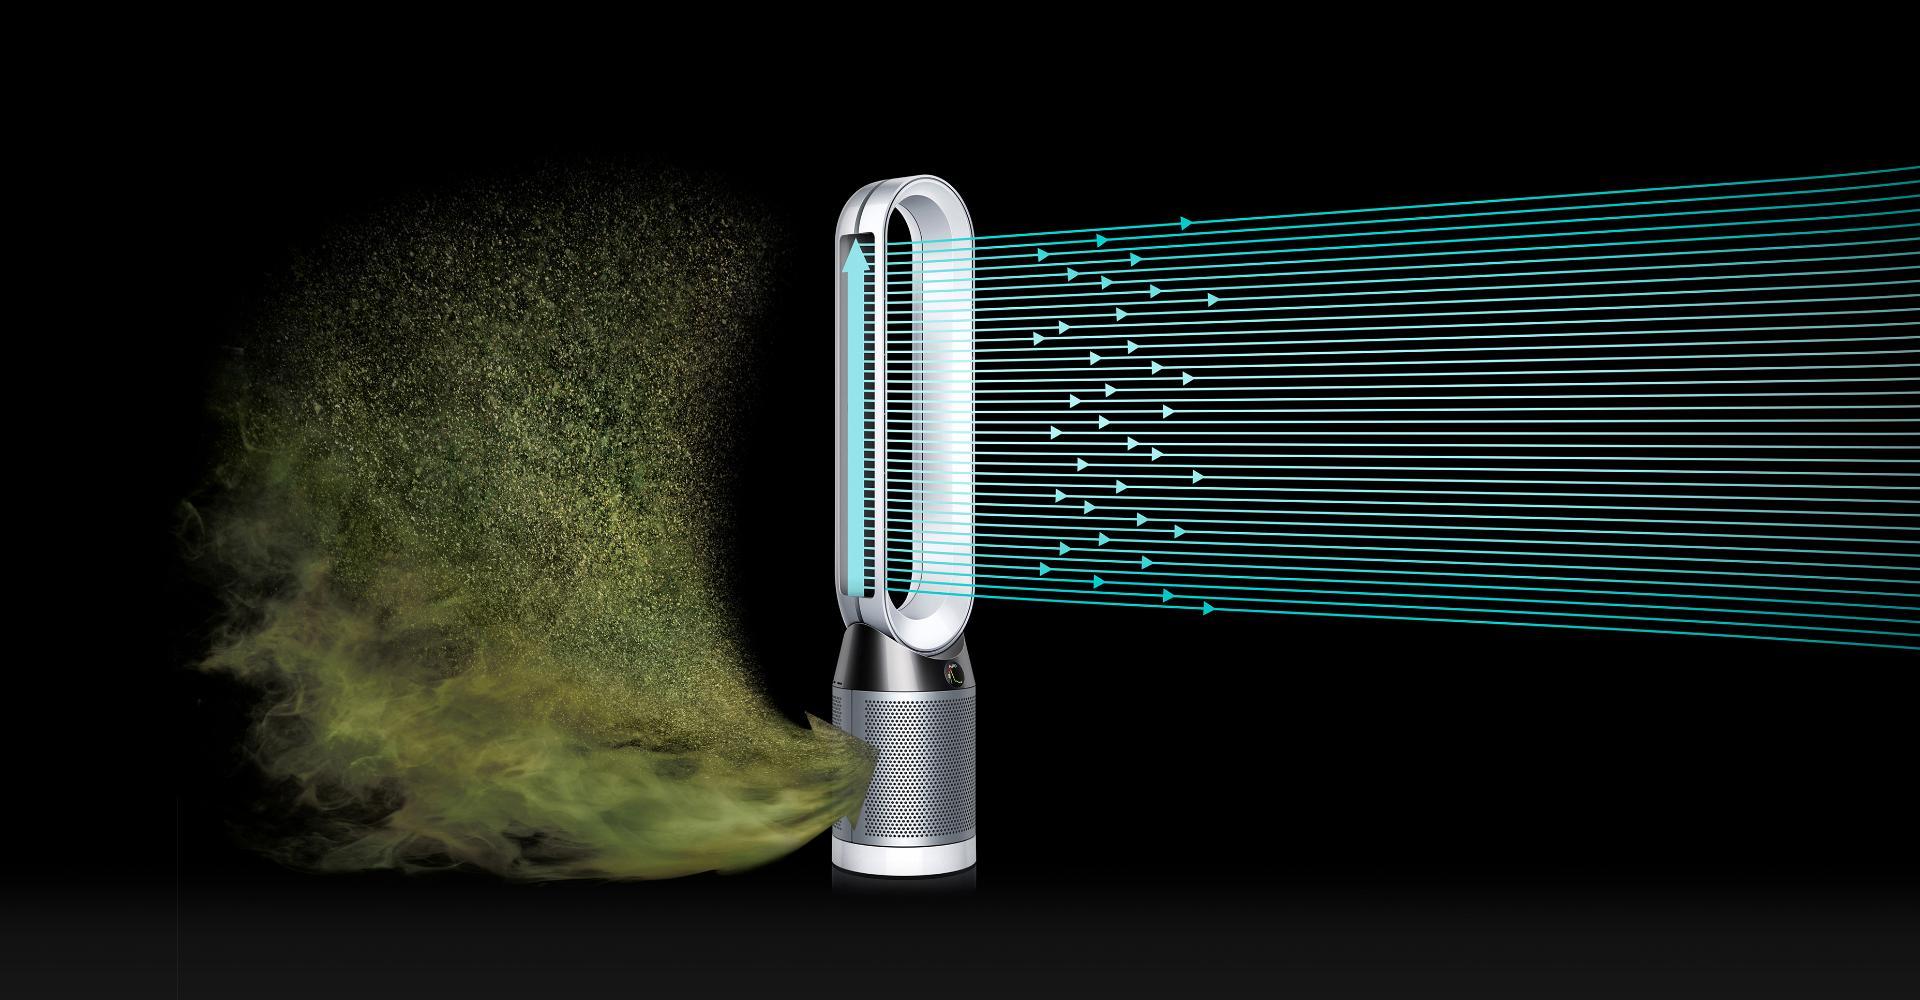 דיאגרמה של זרימת האוויר של מסנן אוויר ™Dyson Pure Cool.